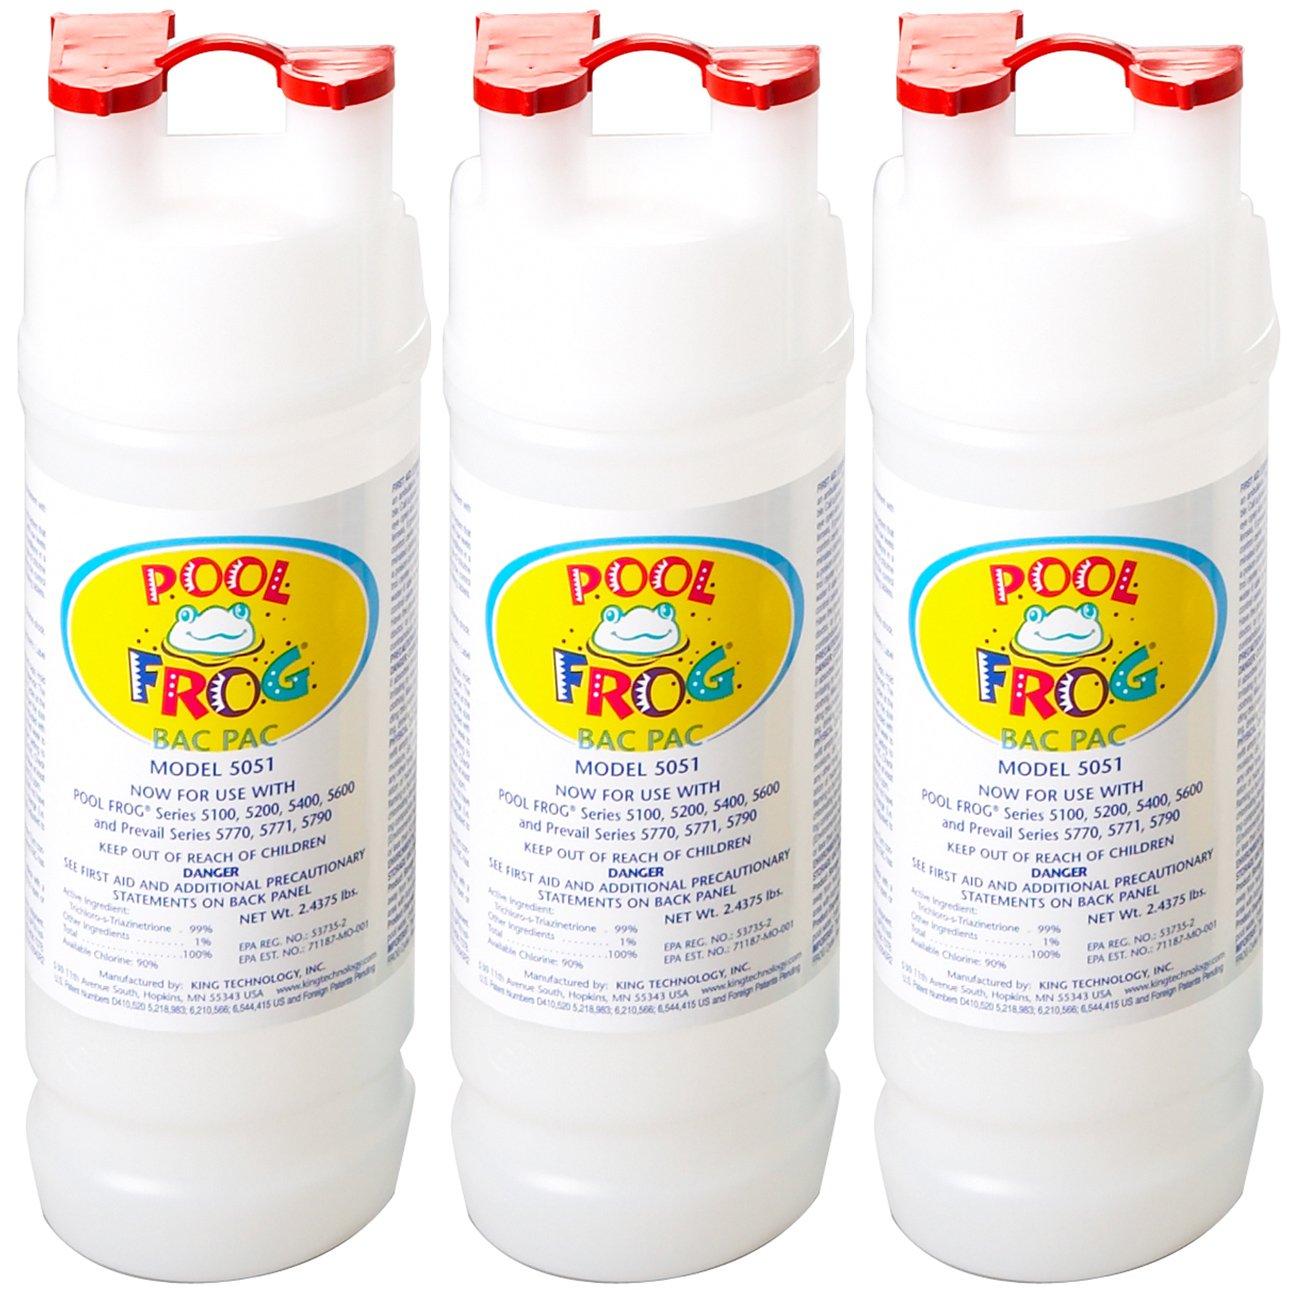 Pool Frog Chlorine Bac Pac 3-pack by Pool Frog